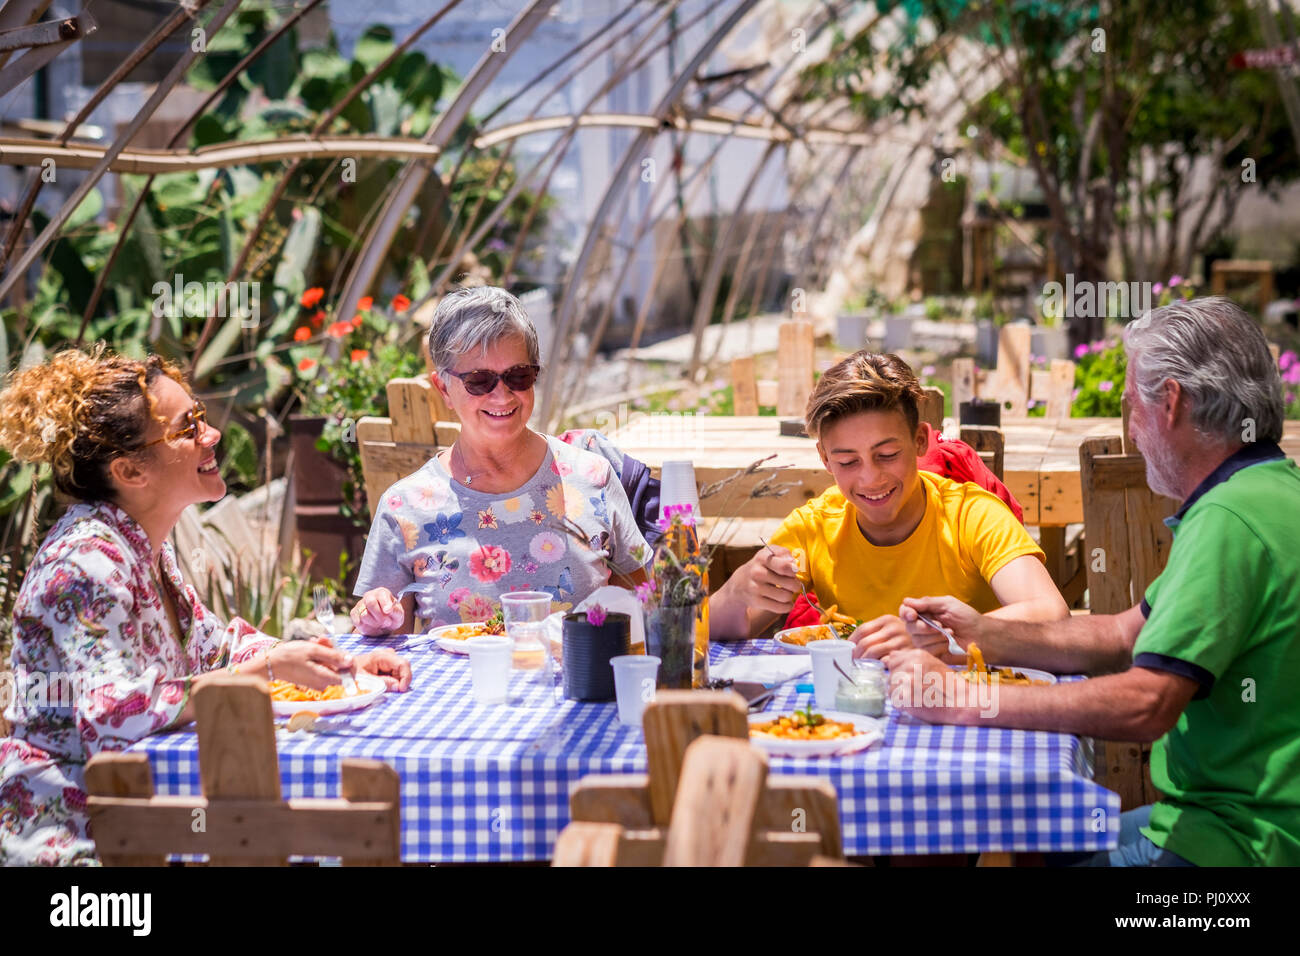 Joyeux et heureux dans la famille d'autres restaurant en plein air tout naturel et fait avec des palettes en bois recyclé. beau portrait de personnes en activité de loisirs Photo Stock